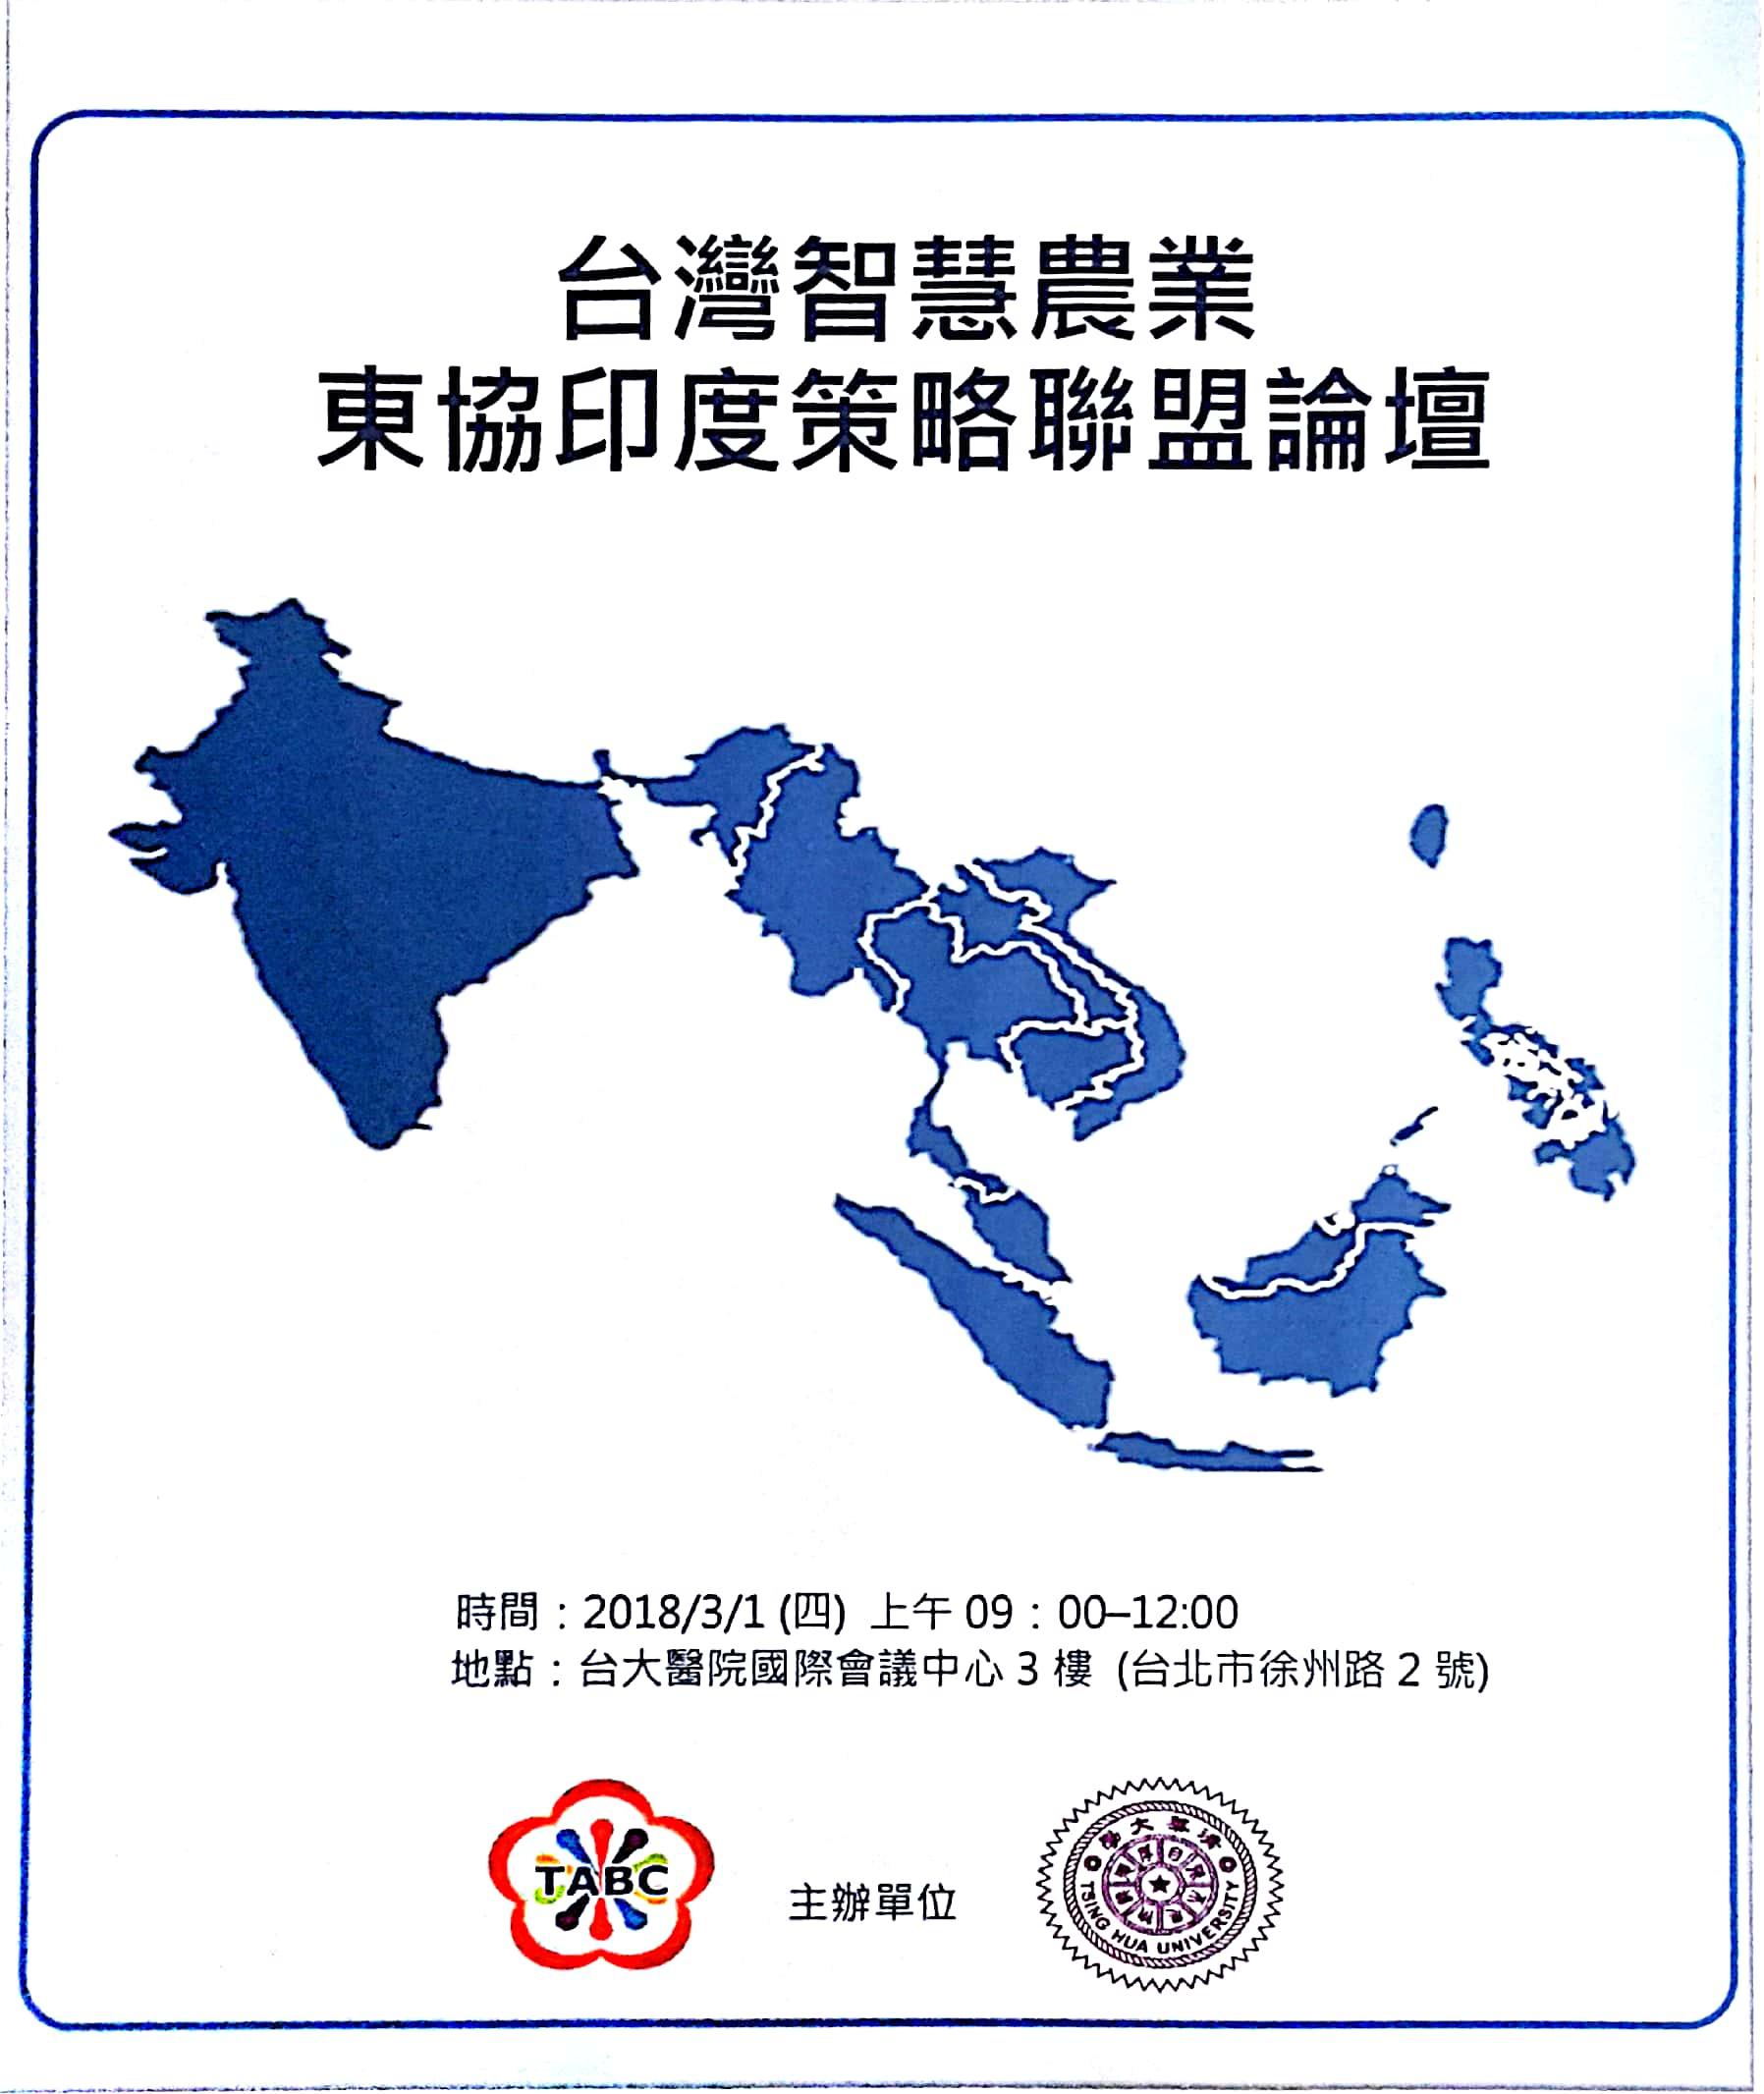 【活動資訊】3月1日 舉辦「台灣智慧農業東協印度策略聯盟論壇」